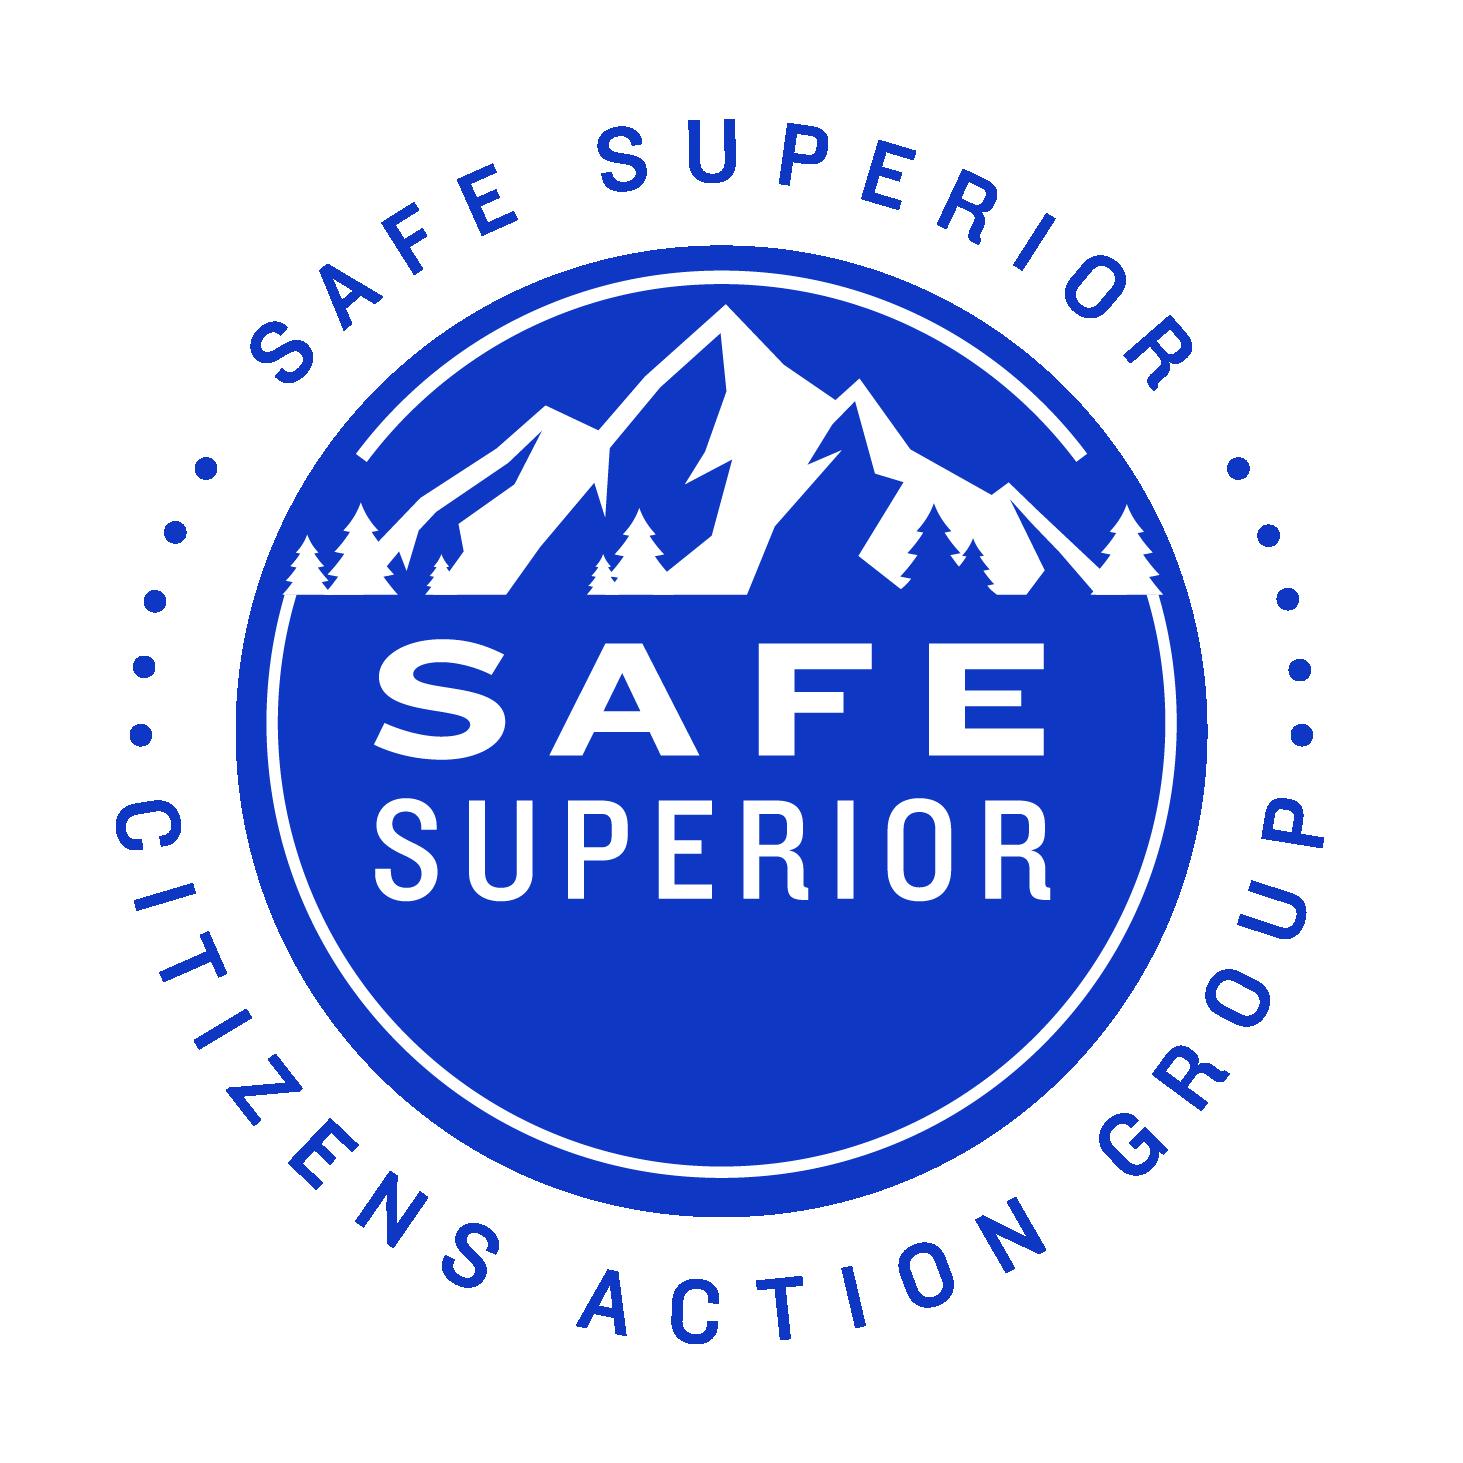 SafeSuperior_Logo_A1-02.png